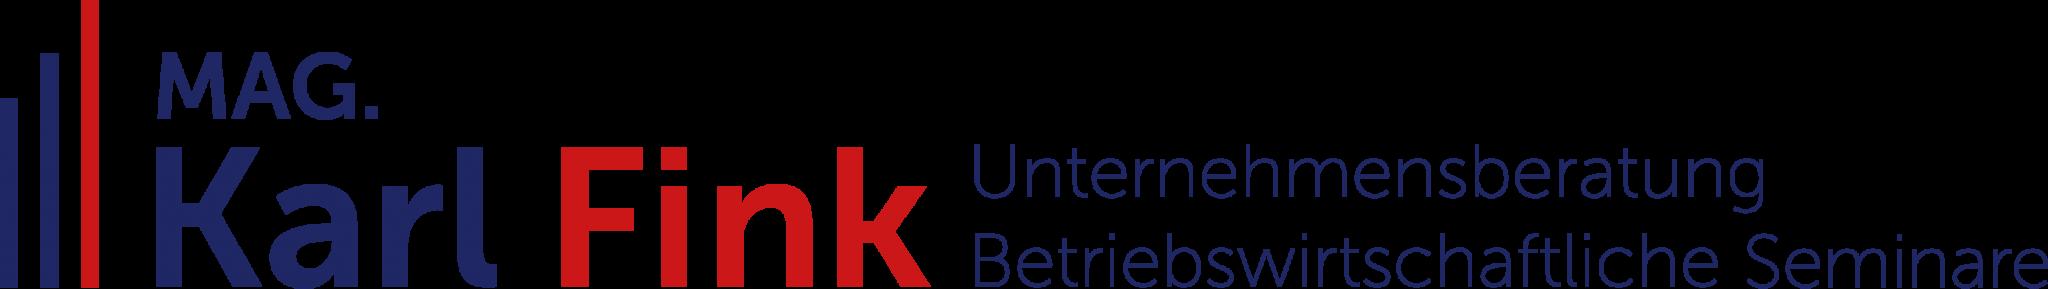 karl-fink-logo-lang-2048x289-1